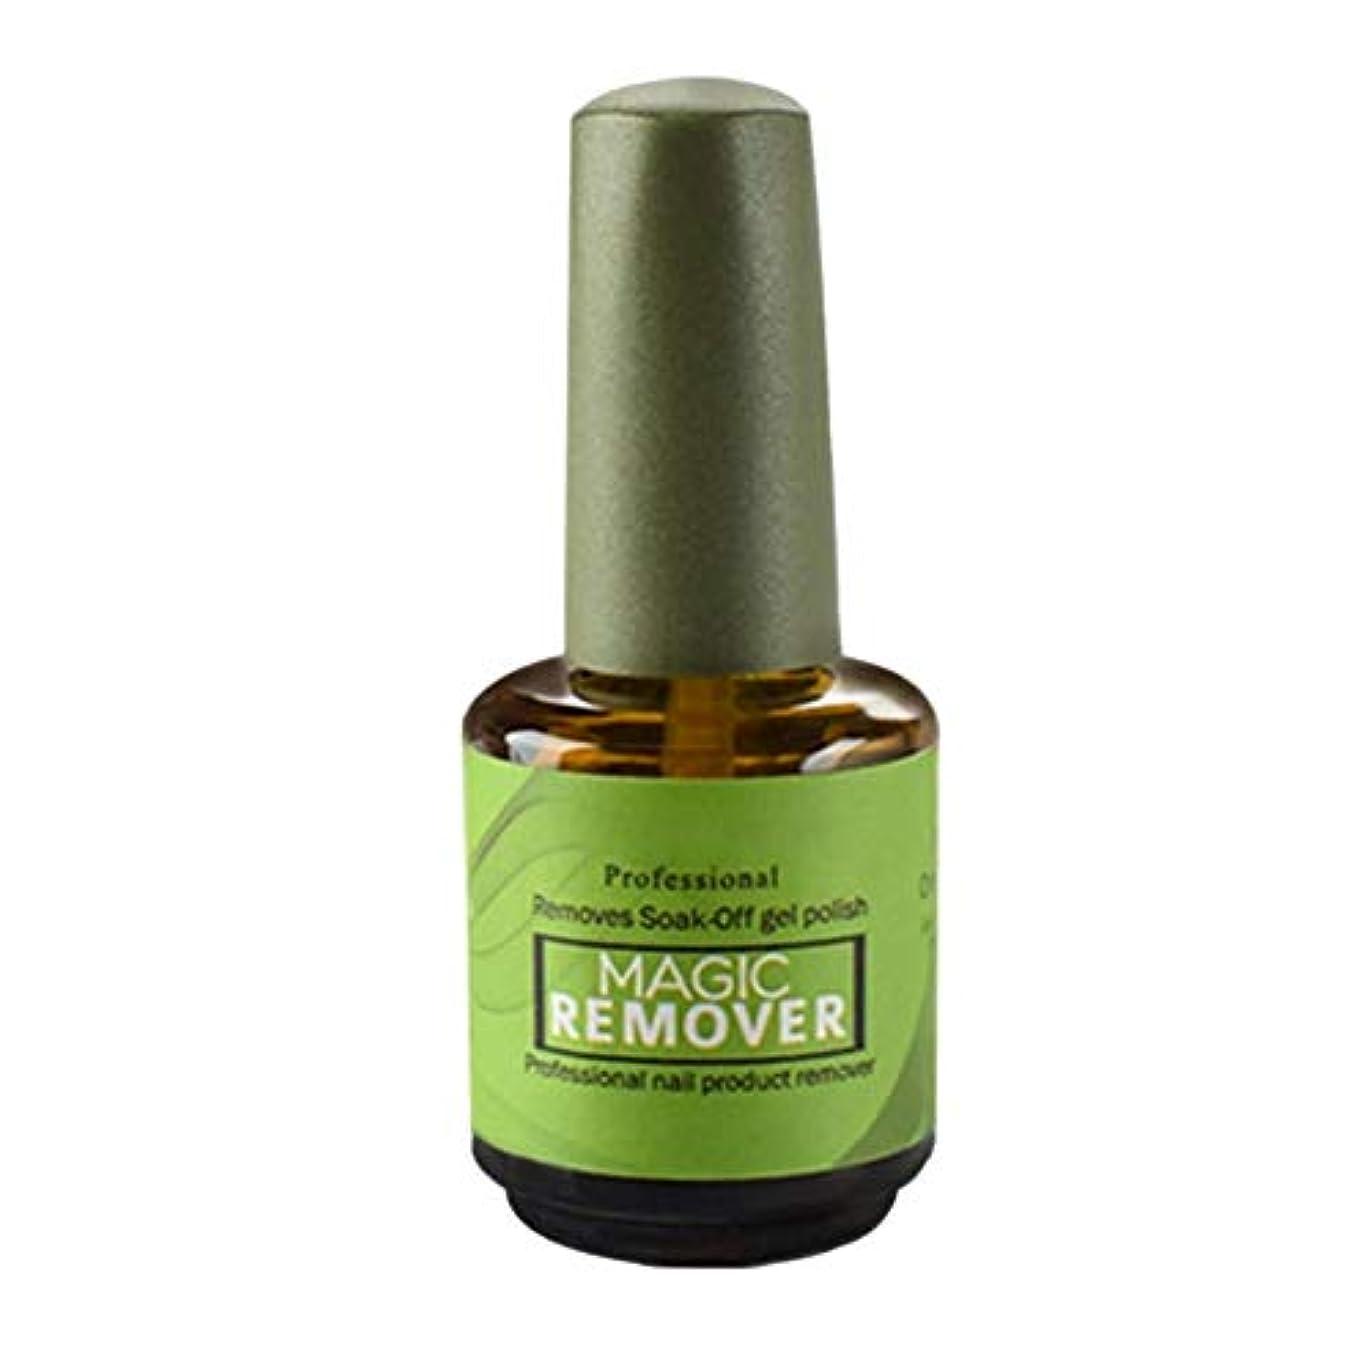 教授海外で感性Tenflyer マジックリムーバーがネイルポリッシュを拭き取ると、ジェルプロフェッショナルバーストクリーン脱脂剤が除去されます